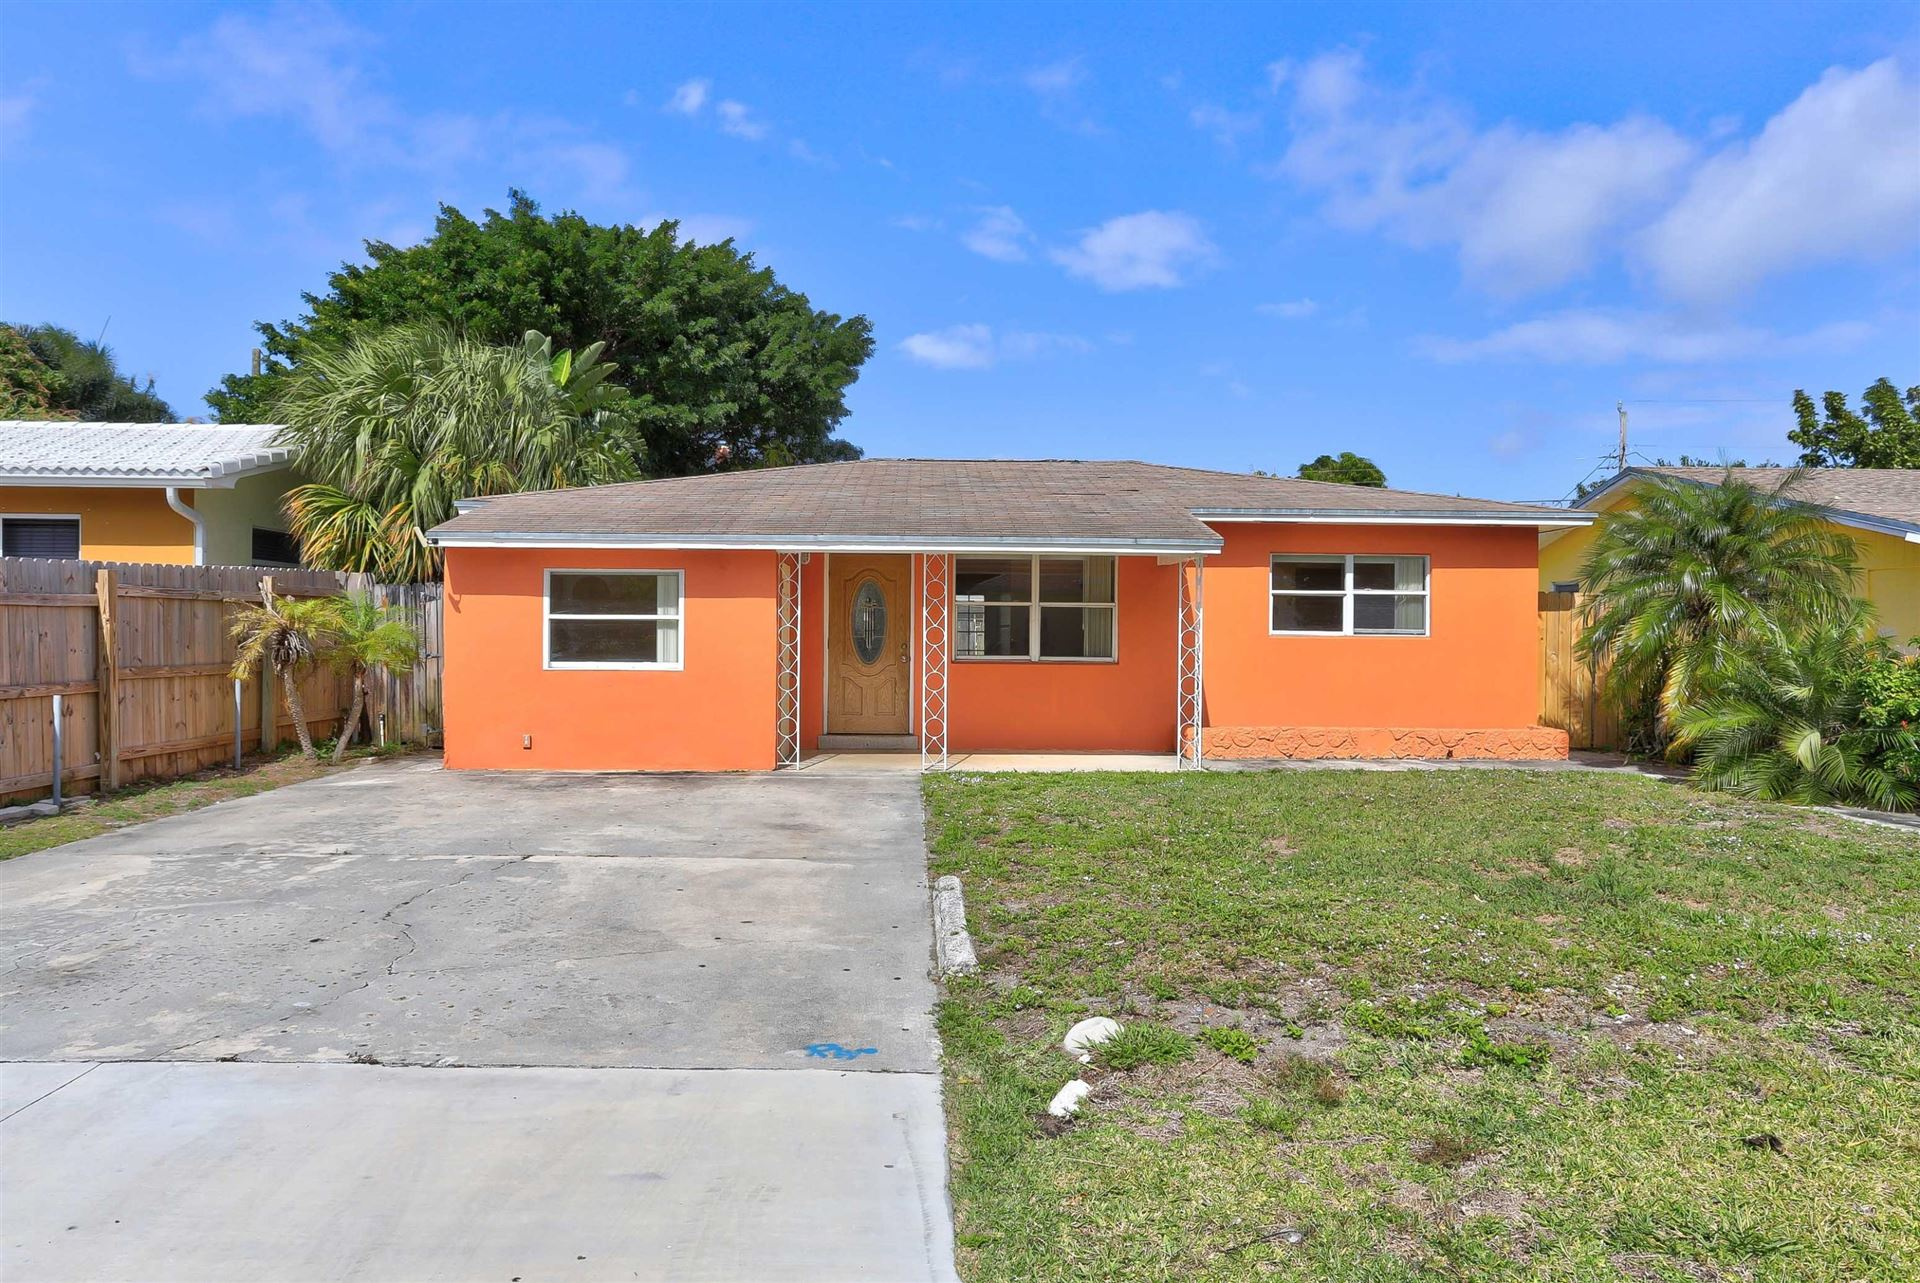 411 SW 9th Avenue, Boynton Beach, FL 33435 - #: RX-10600934